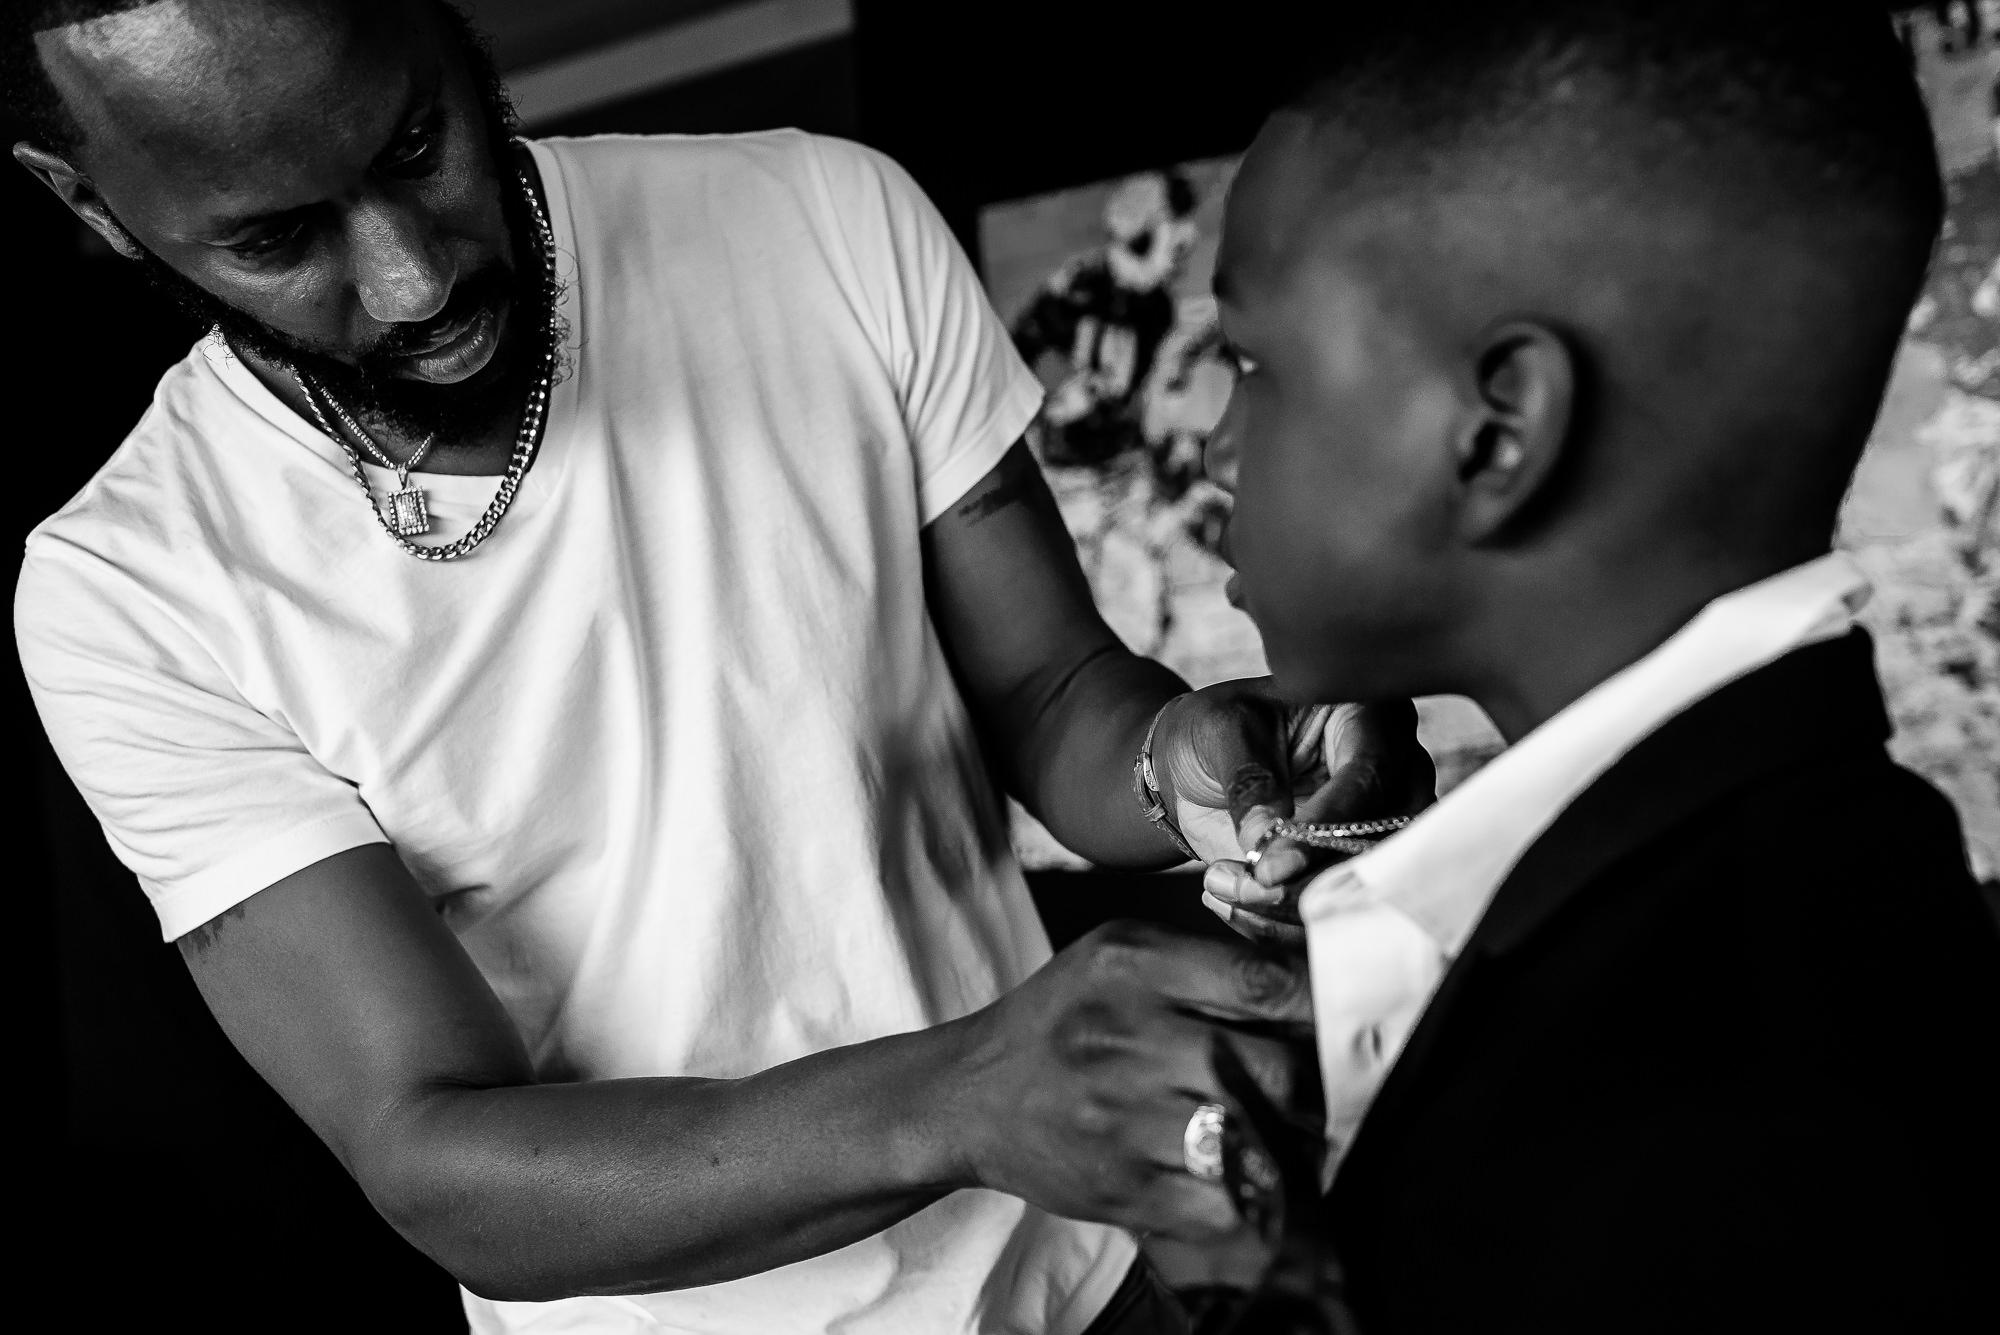 011-011-christopher-jason-studios-university-of-maryland-wedding-raheem-Devaughn-african-american-bride-and-groom.jpg